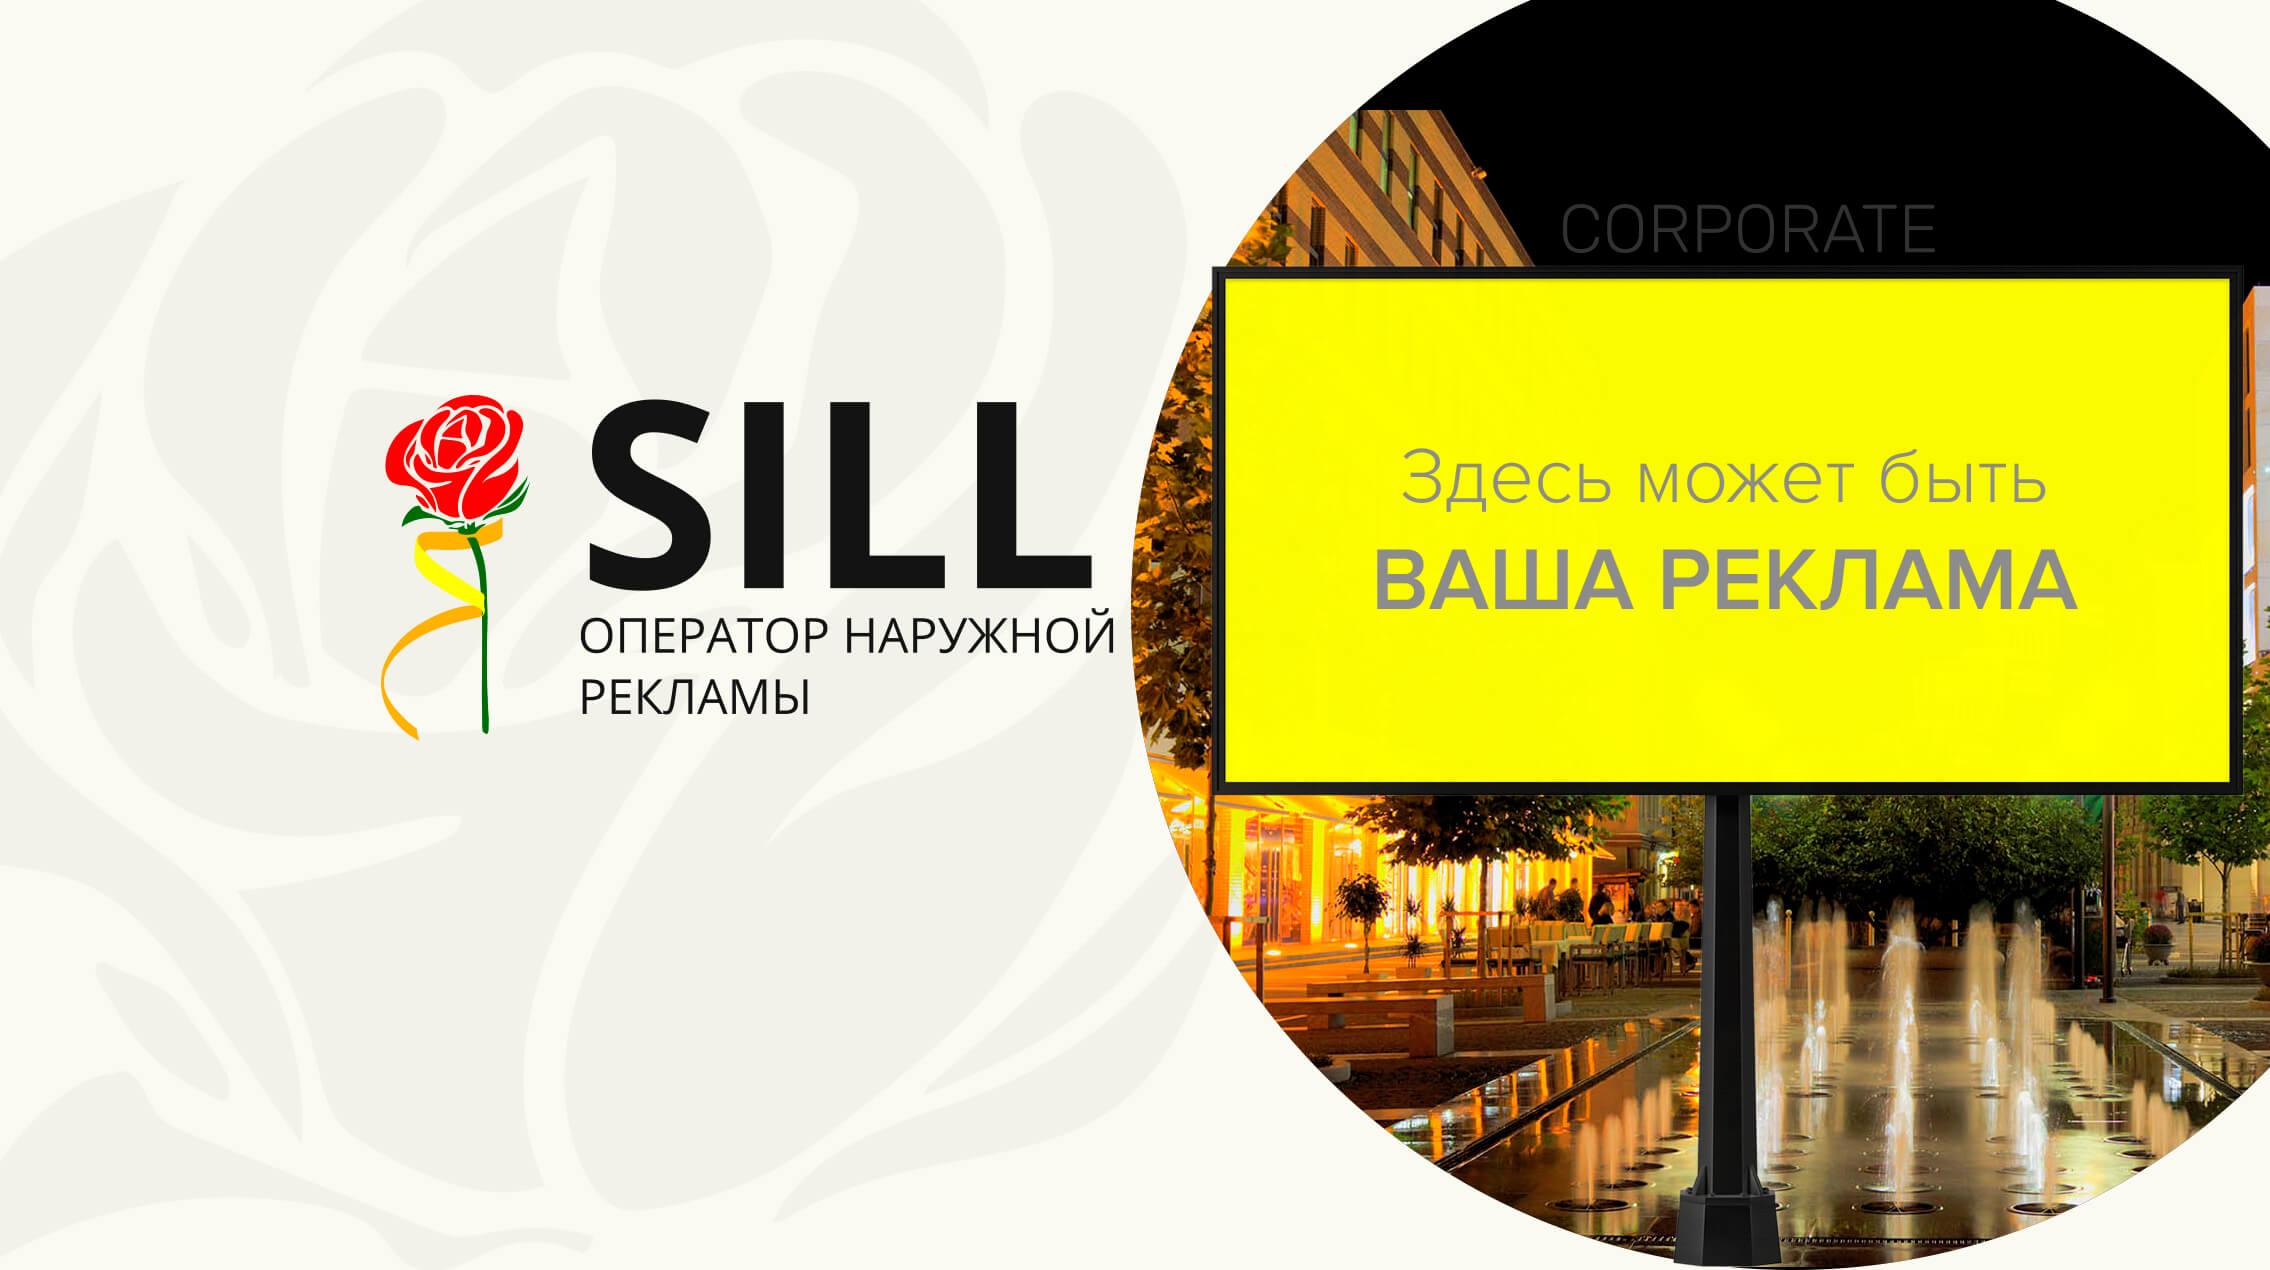 Створення сайту для розміщення зовнішньої реклами в Дніпрі SILL